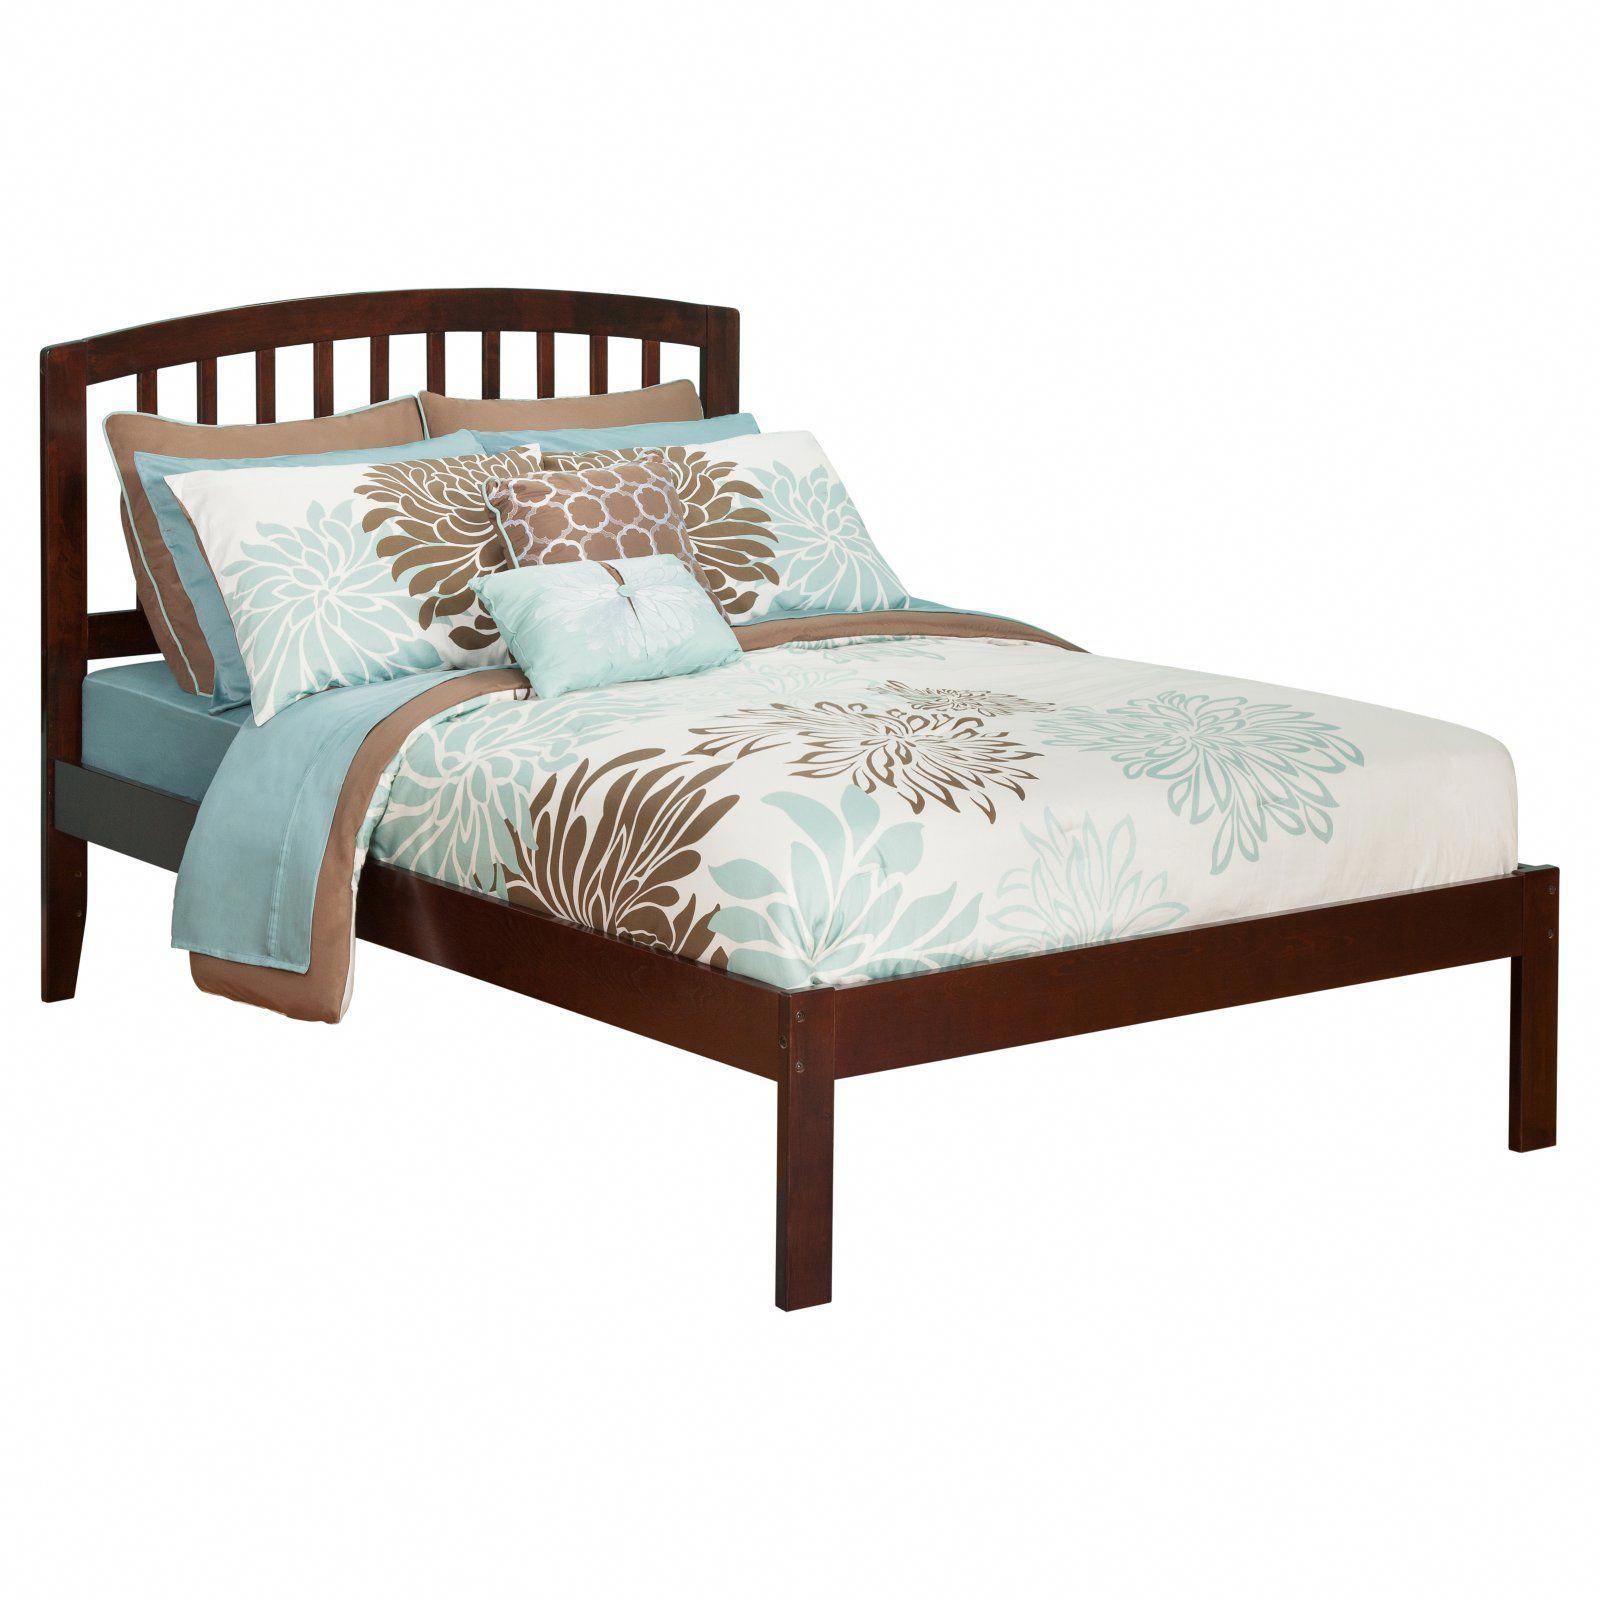 buy furniture cheap code 4624376045  atlantic furniture